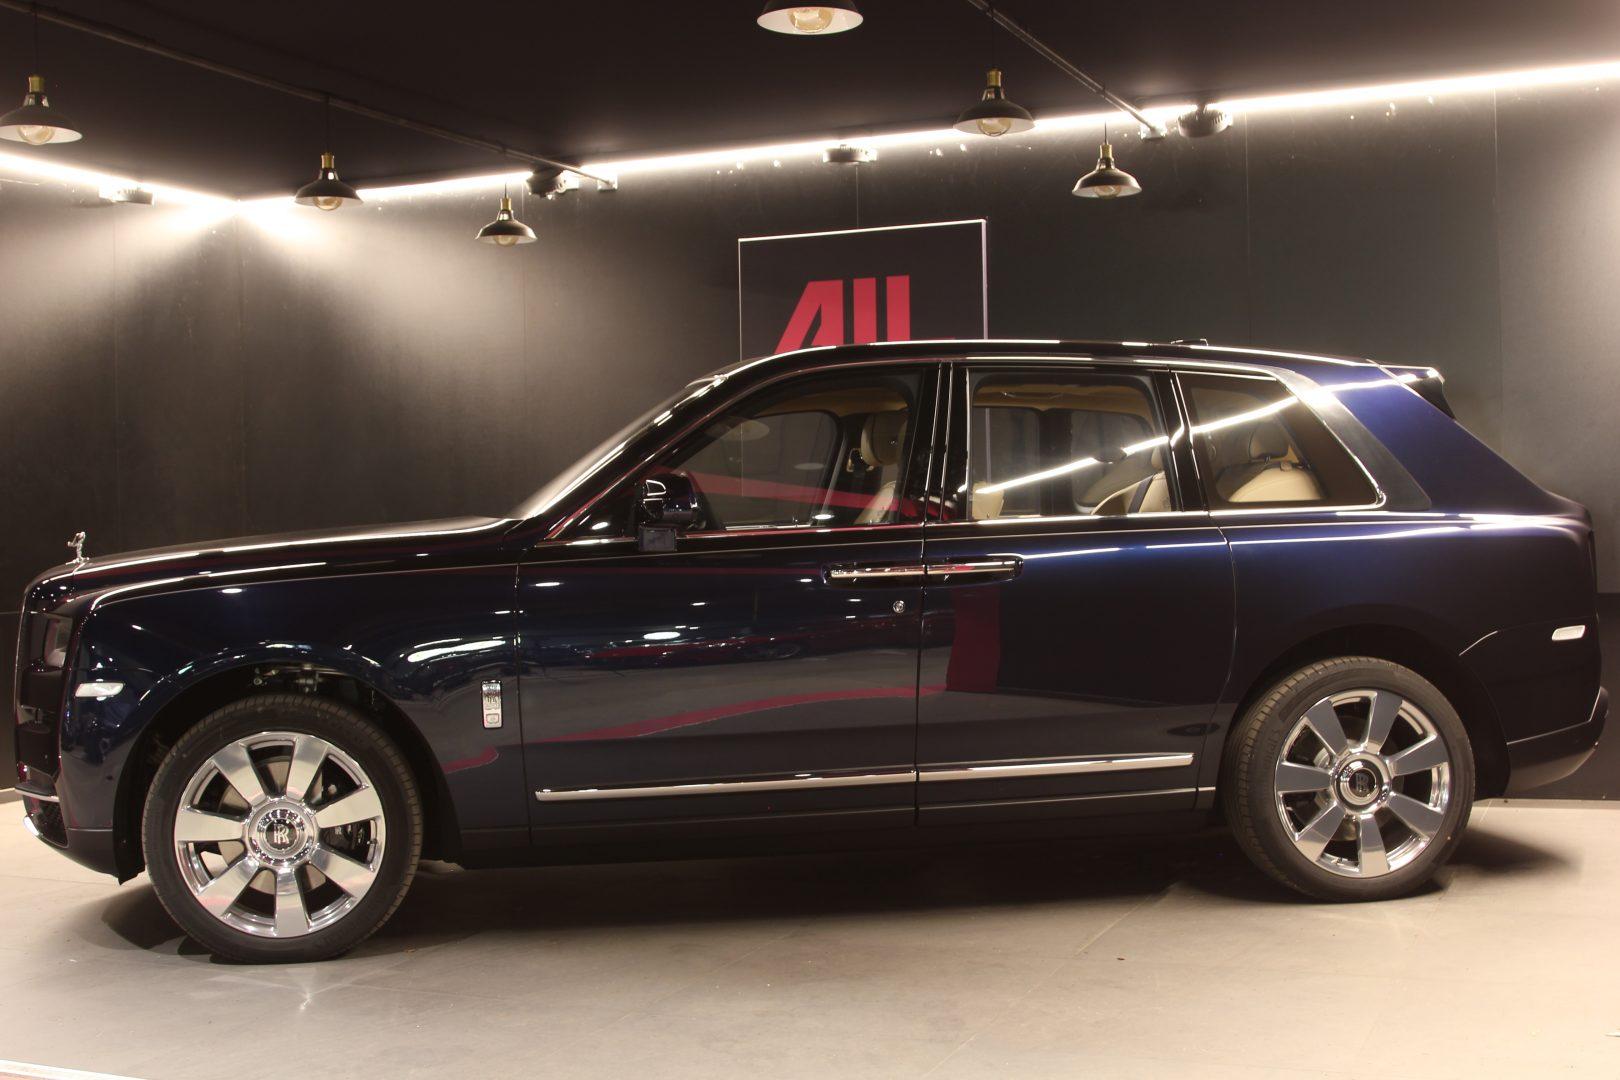 AIL Rolls Royce Cullinan V12 7